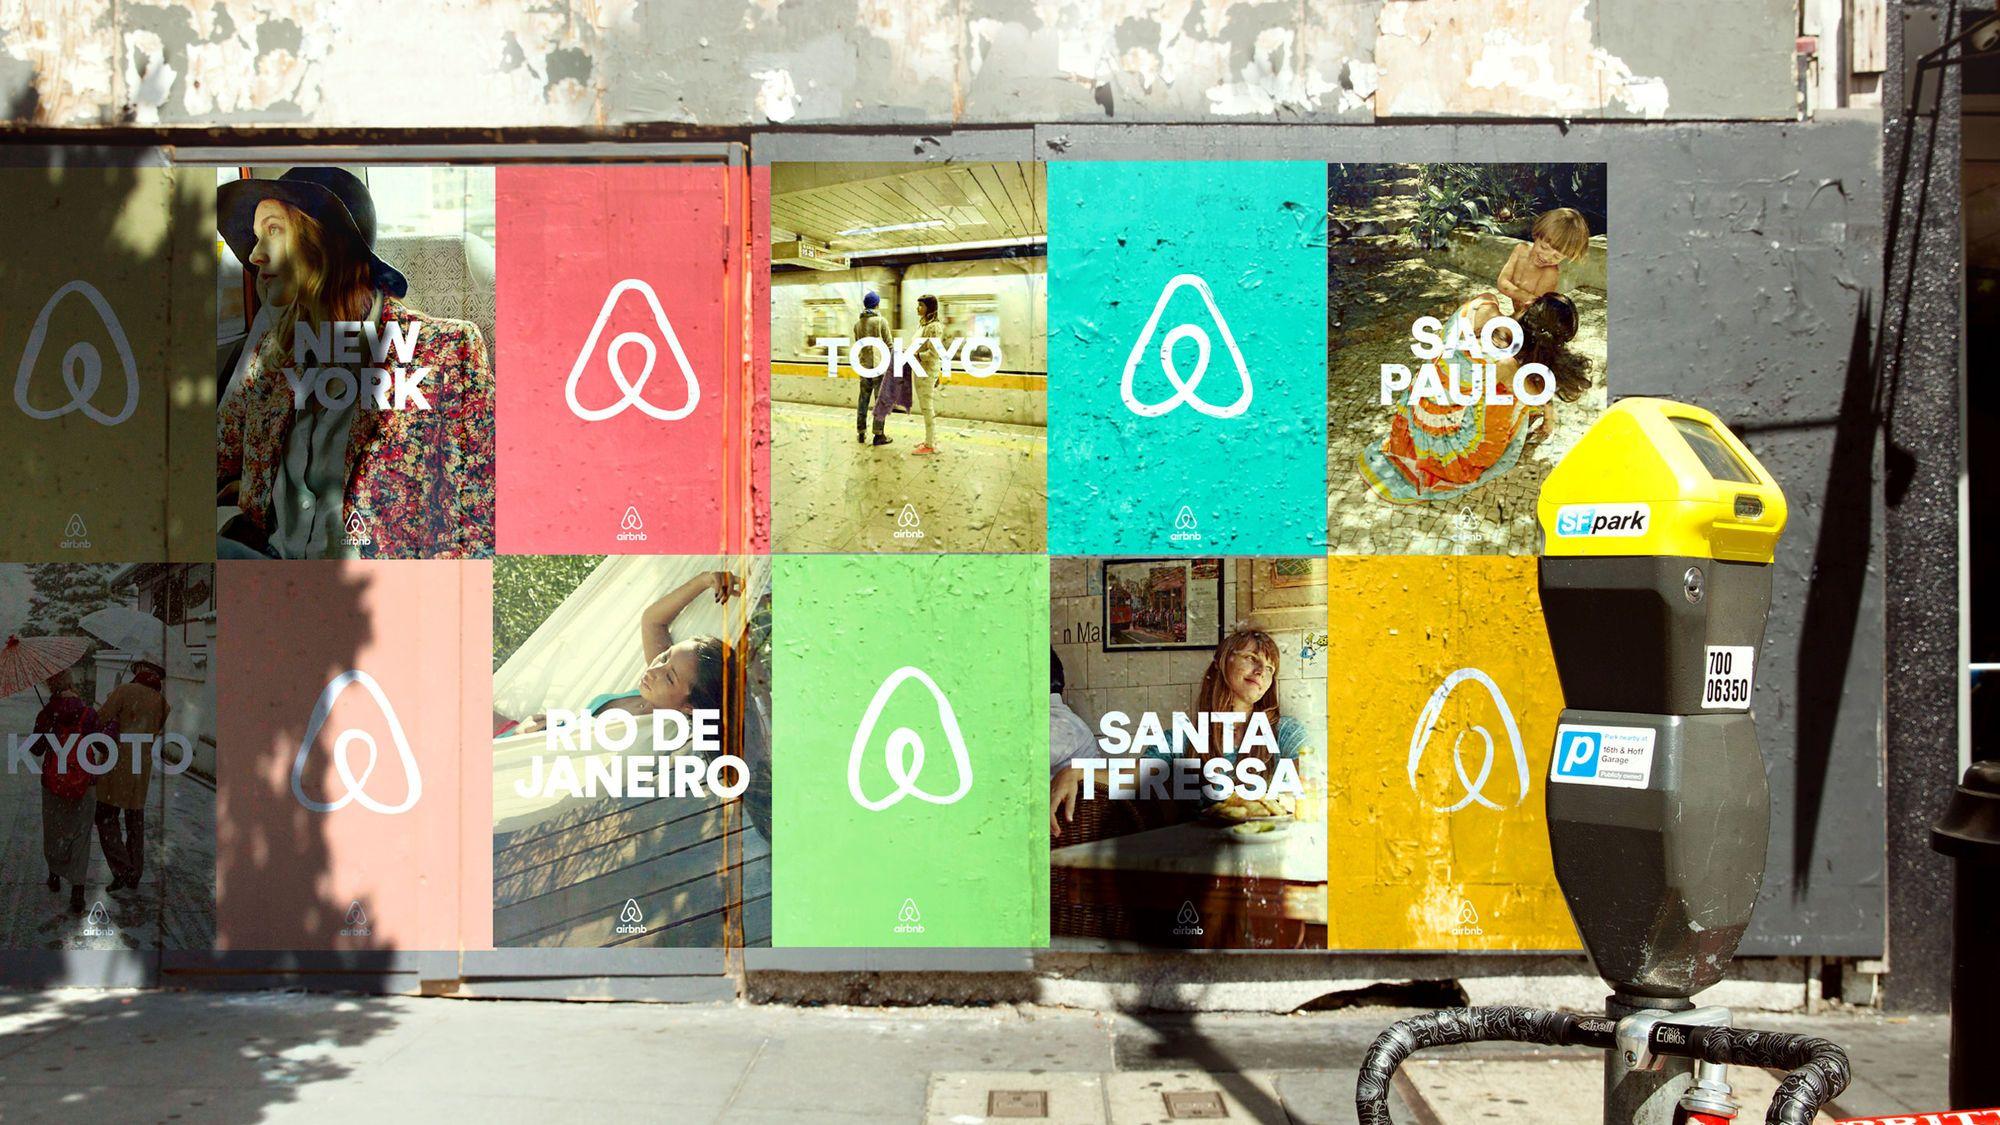 Tái cấu trúc thương hiệu Airbnb